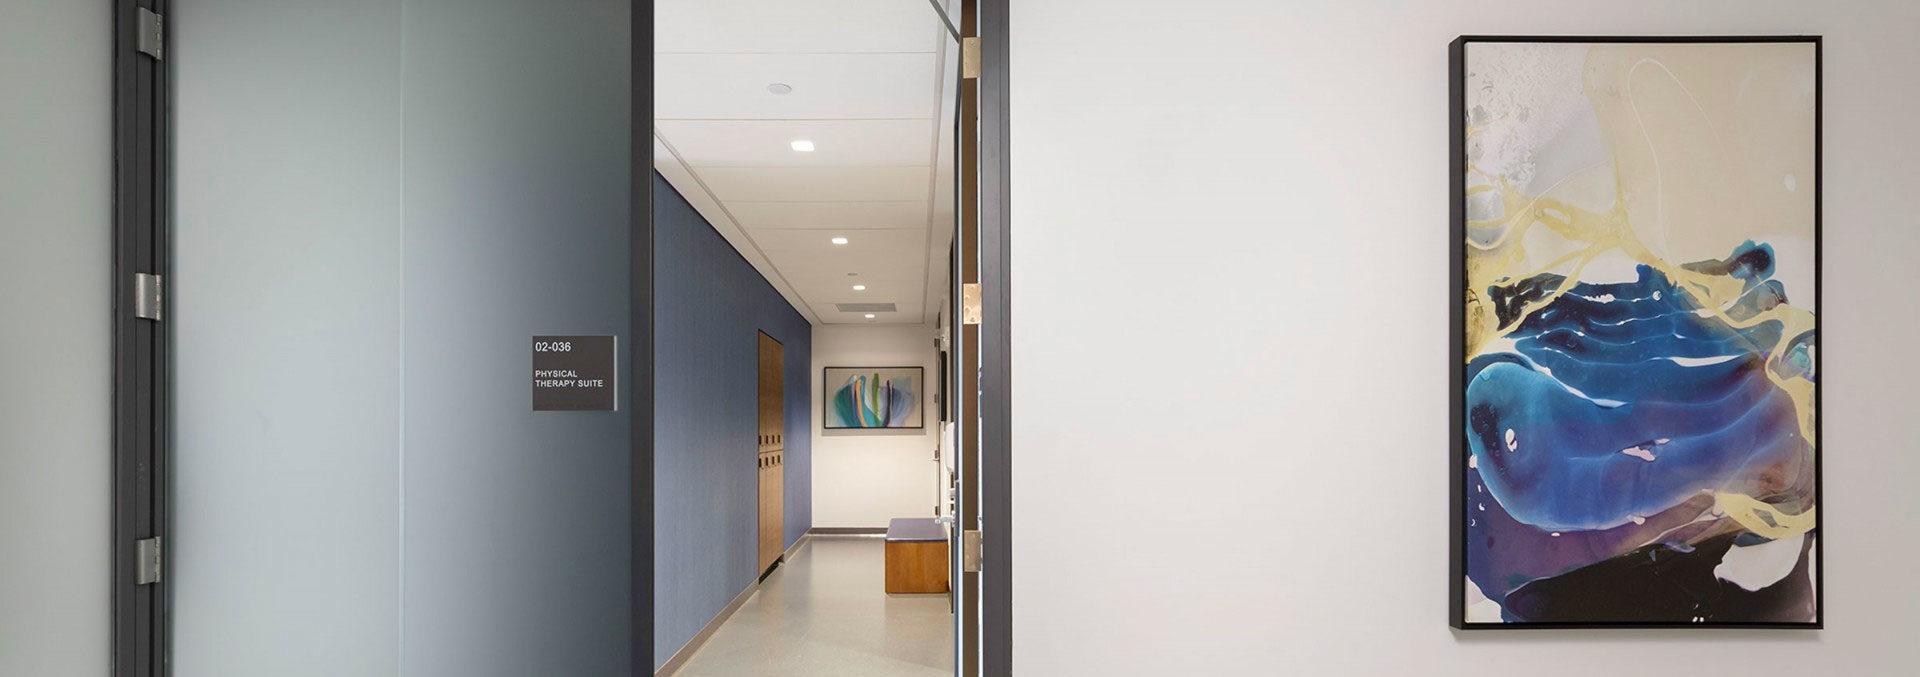 Mount Sinai Health Center at Hudson Yards